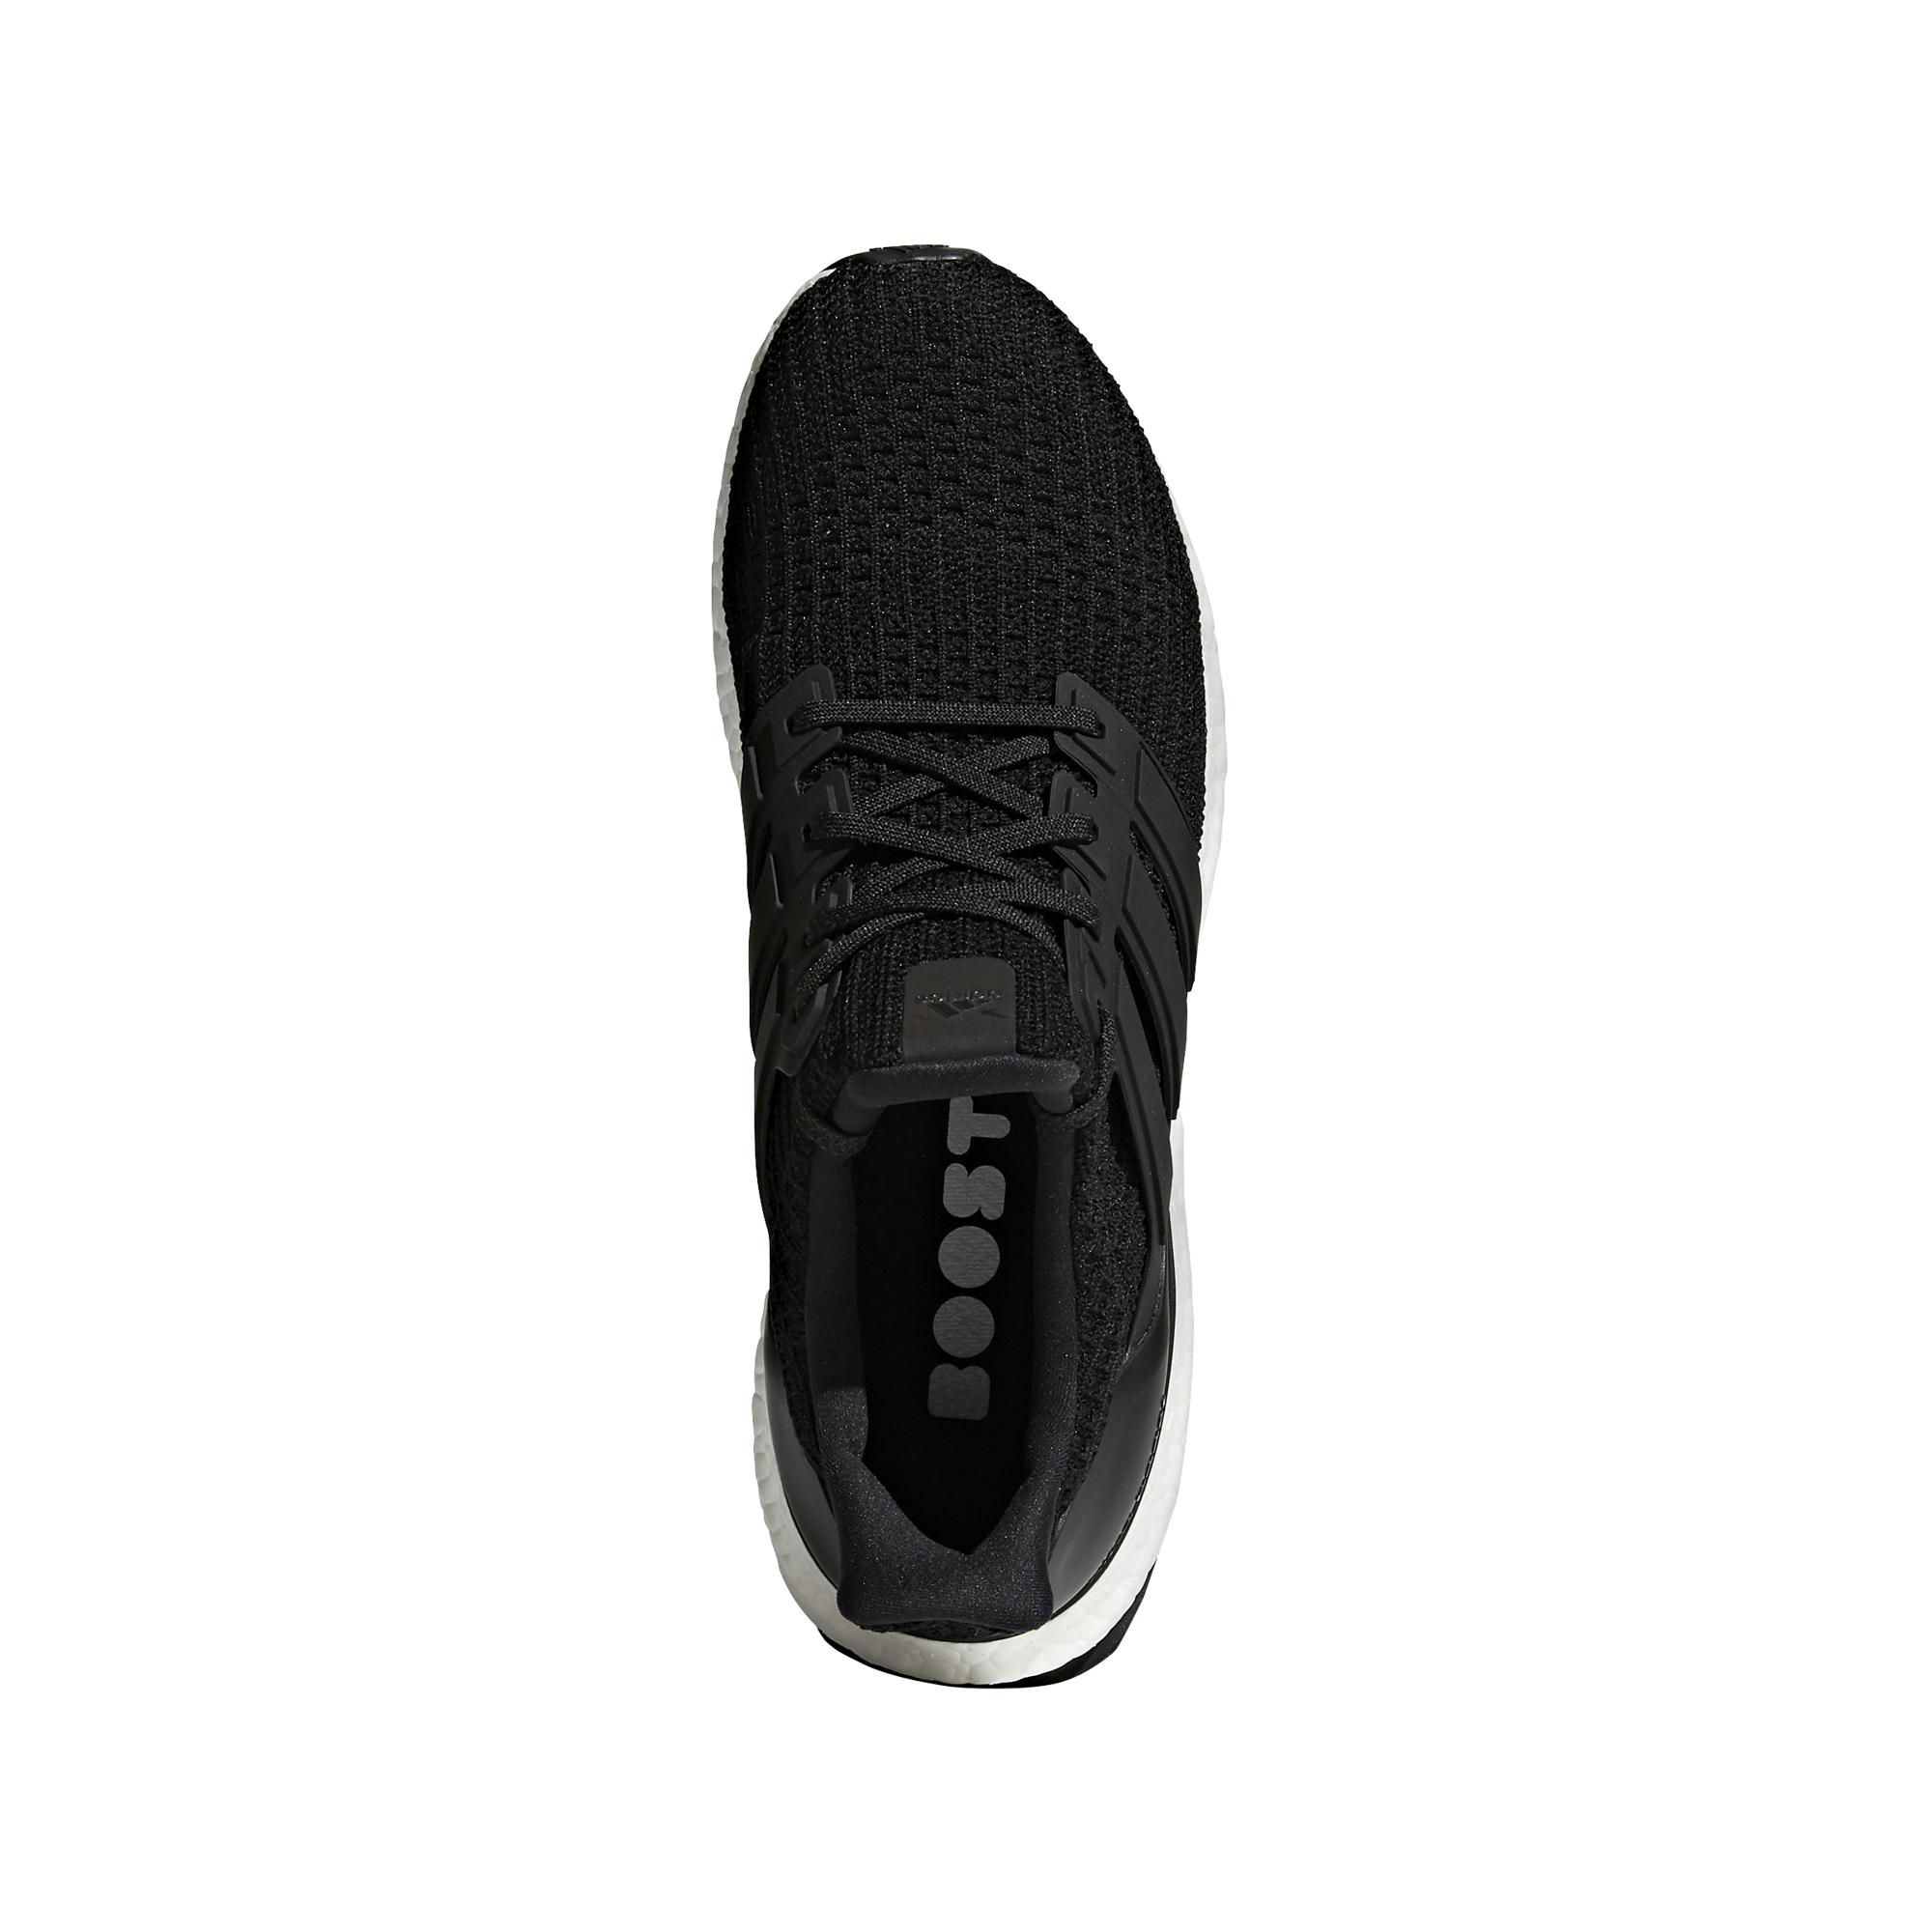 buy online 1dd1e 561b0 ... adidas Ultraboost 4.0 BB6166 ...